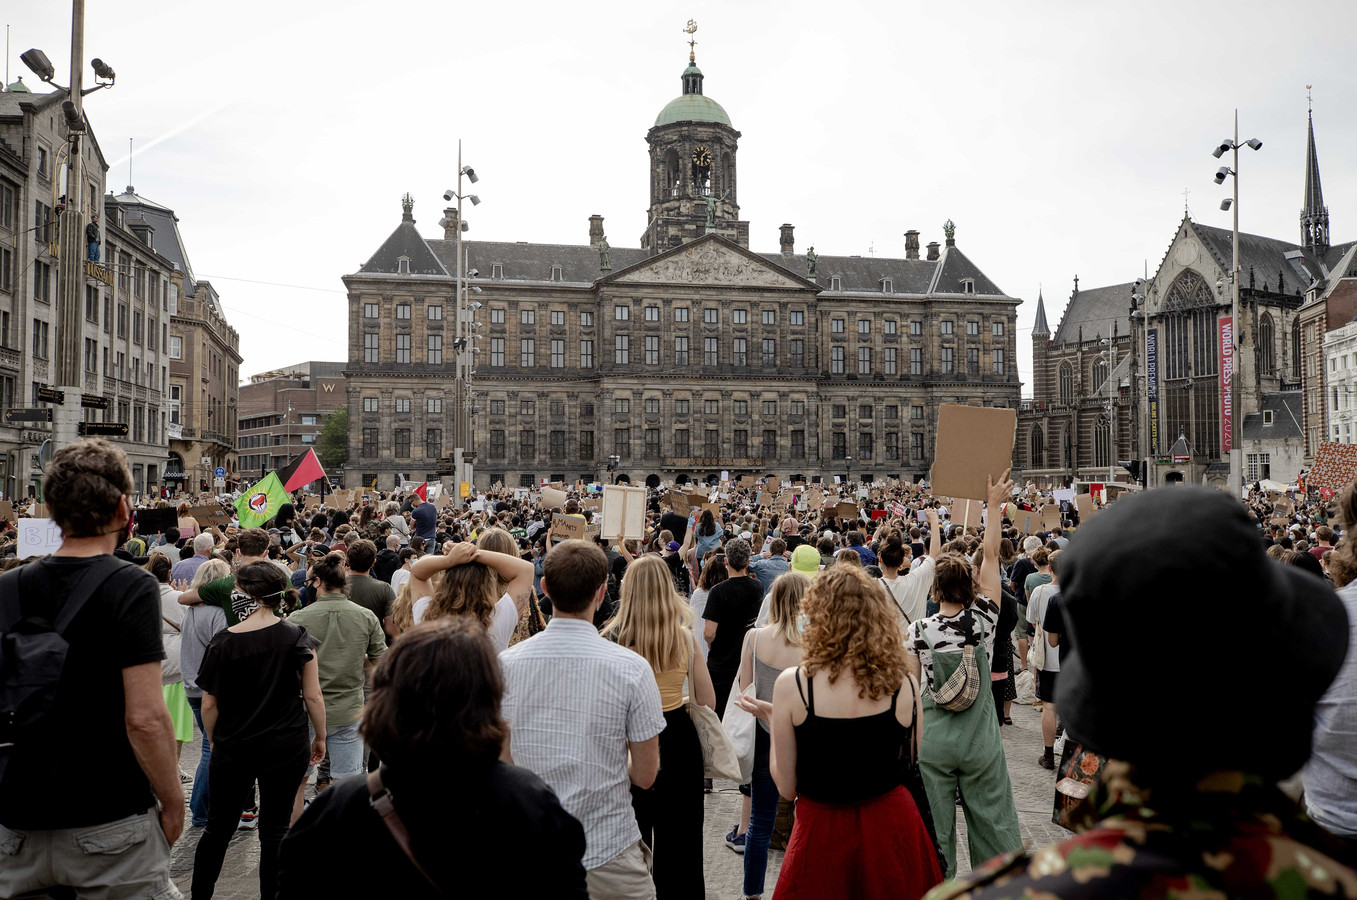 'Was u op 1 juni op de Dam?', is de vraag van de Harderwijkse burgemeester Harm-Jan van Schaik. 'Bij ja, dan even geen gastvrijheid.'